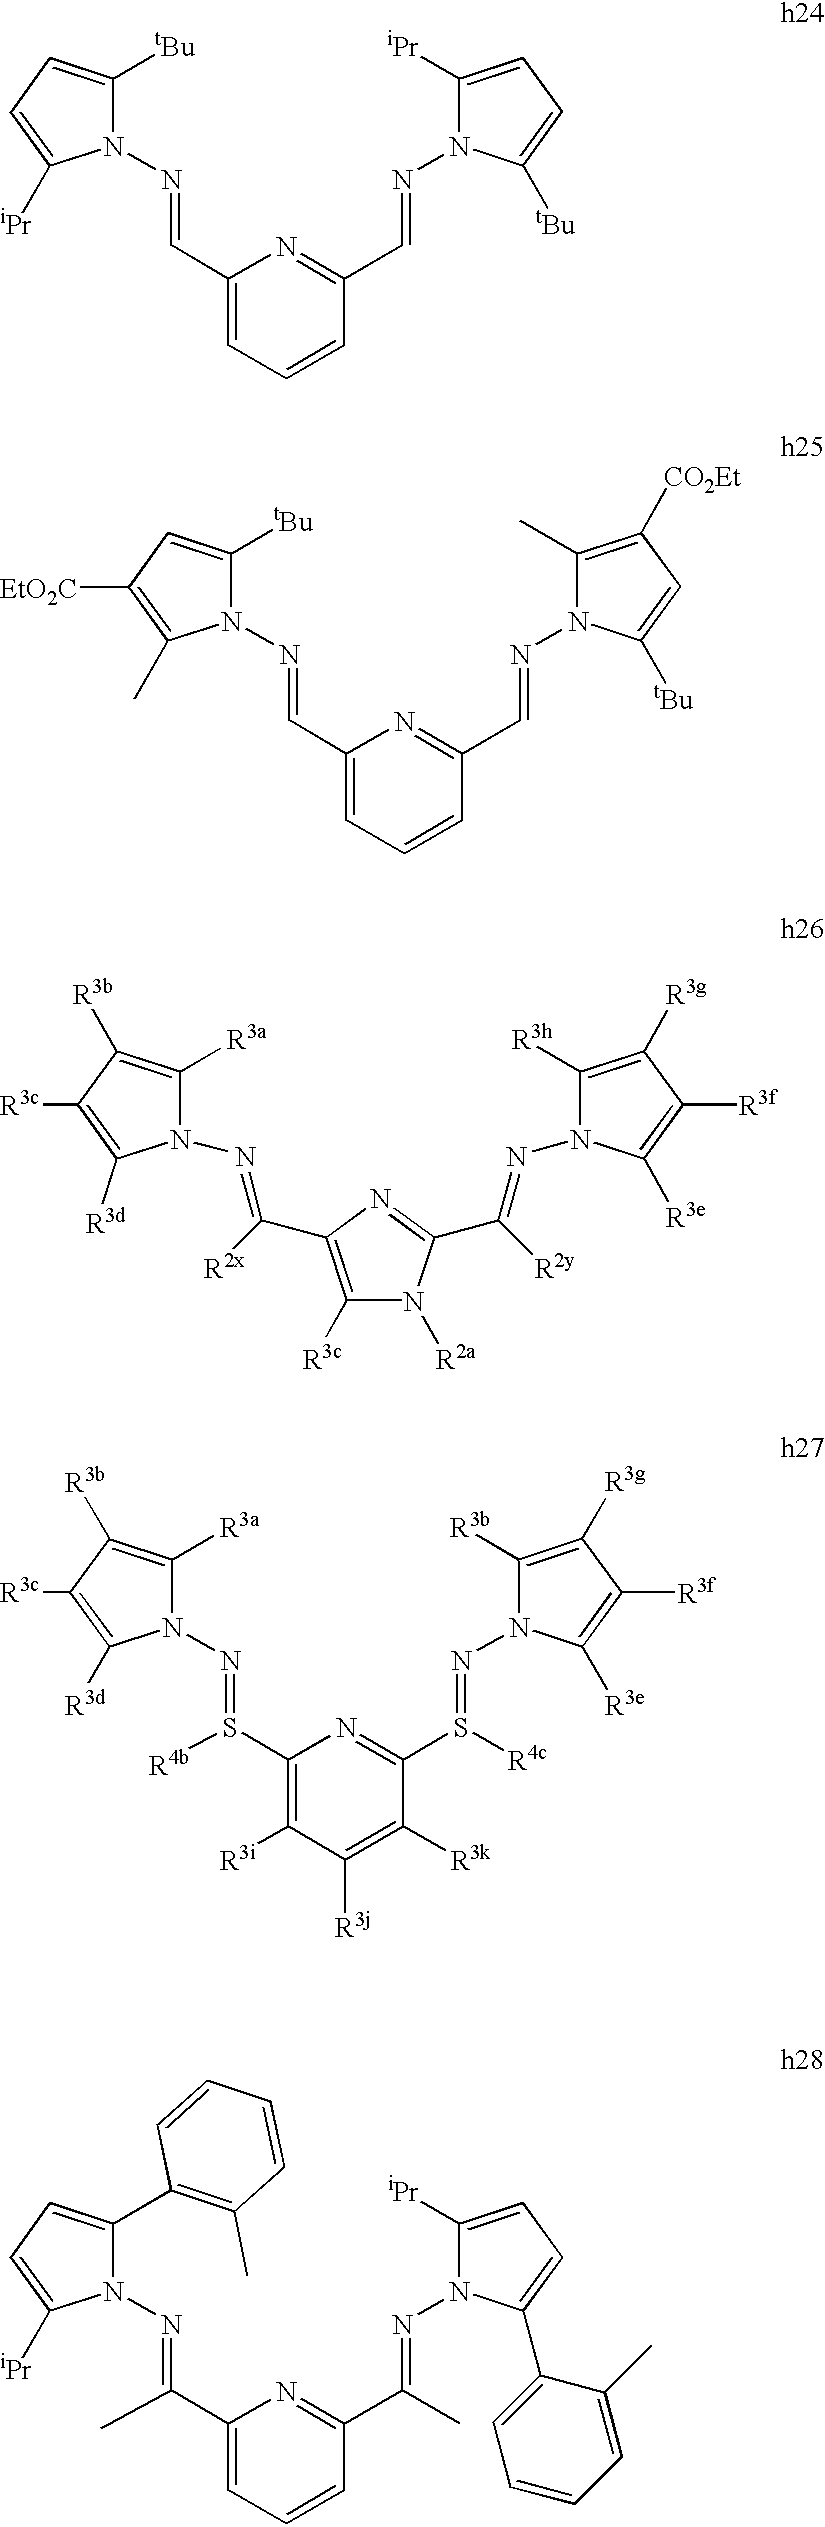 Figure US06545108-20030408-C00038